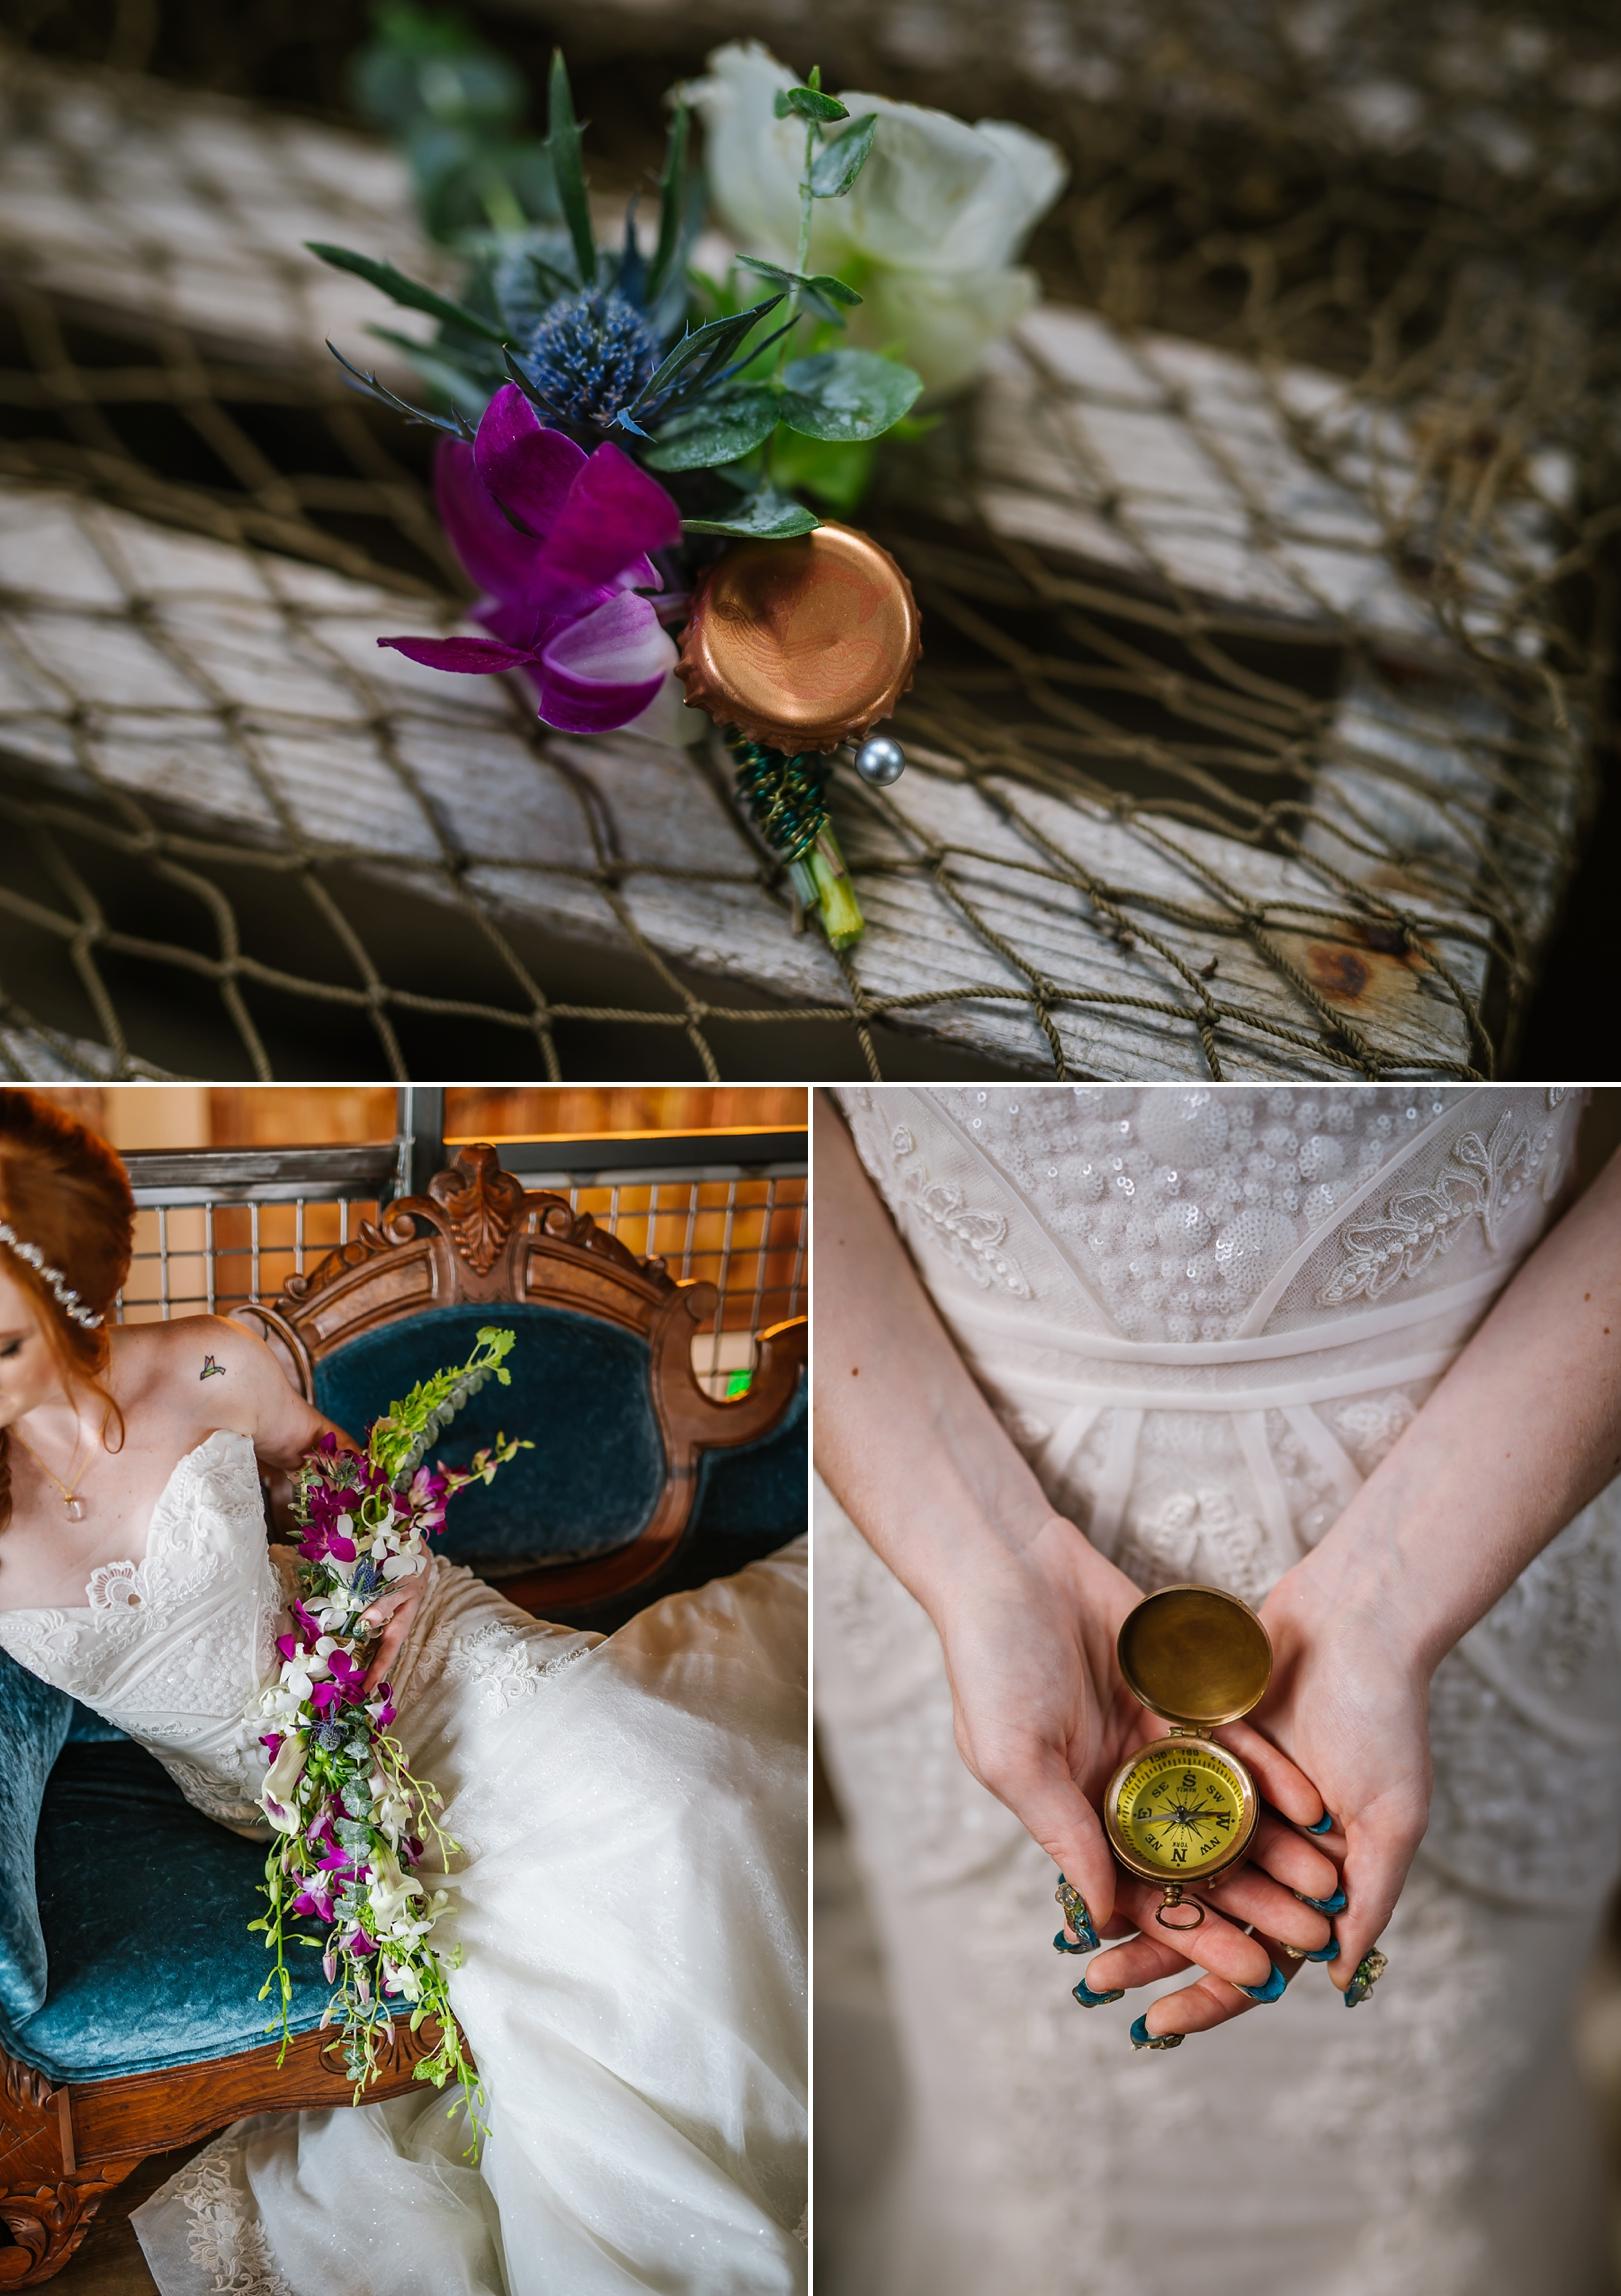 blue-nautical-brewery-unique-wedding-inspiration-photography-ashlee-hamon_0021.jpg